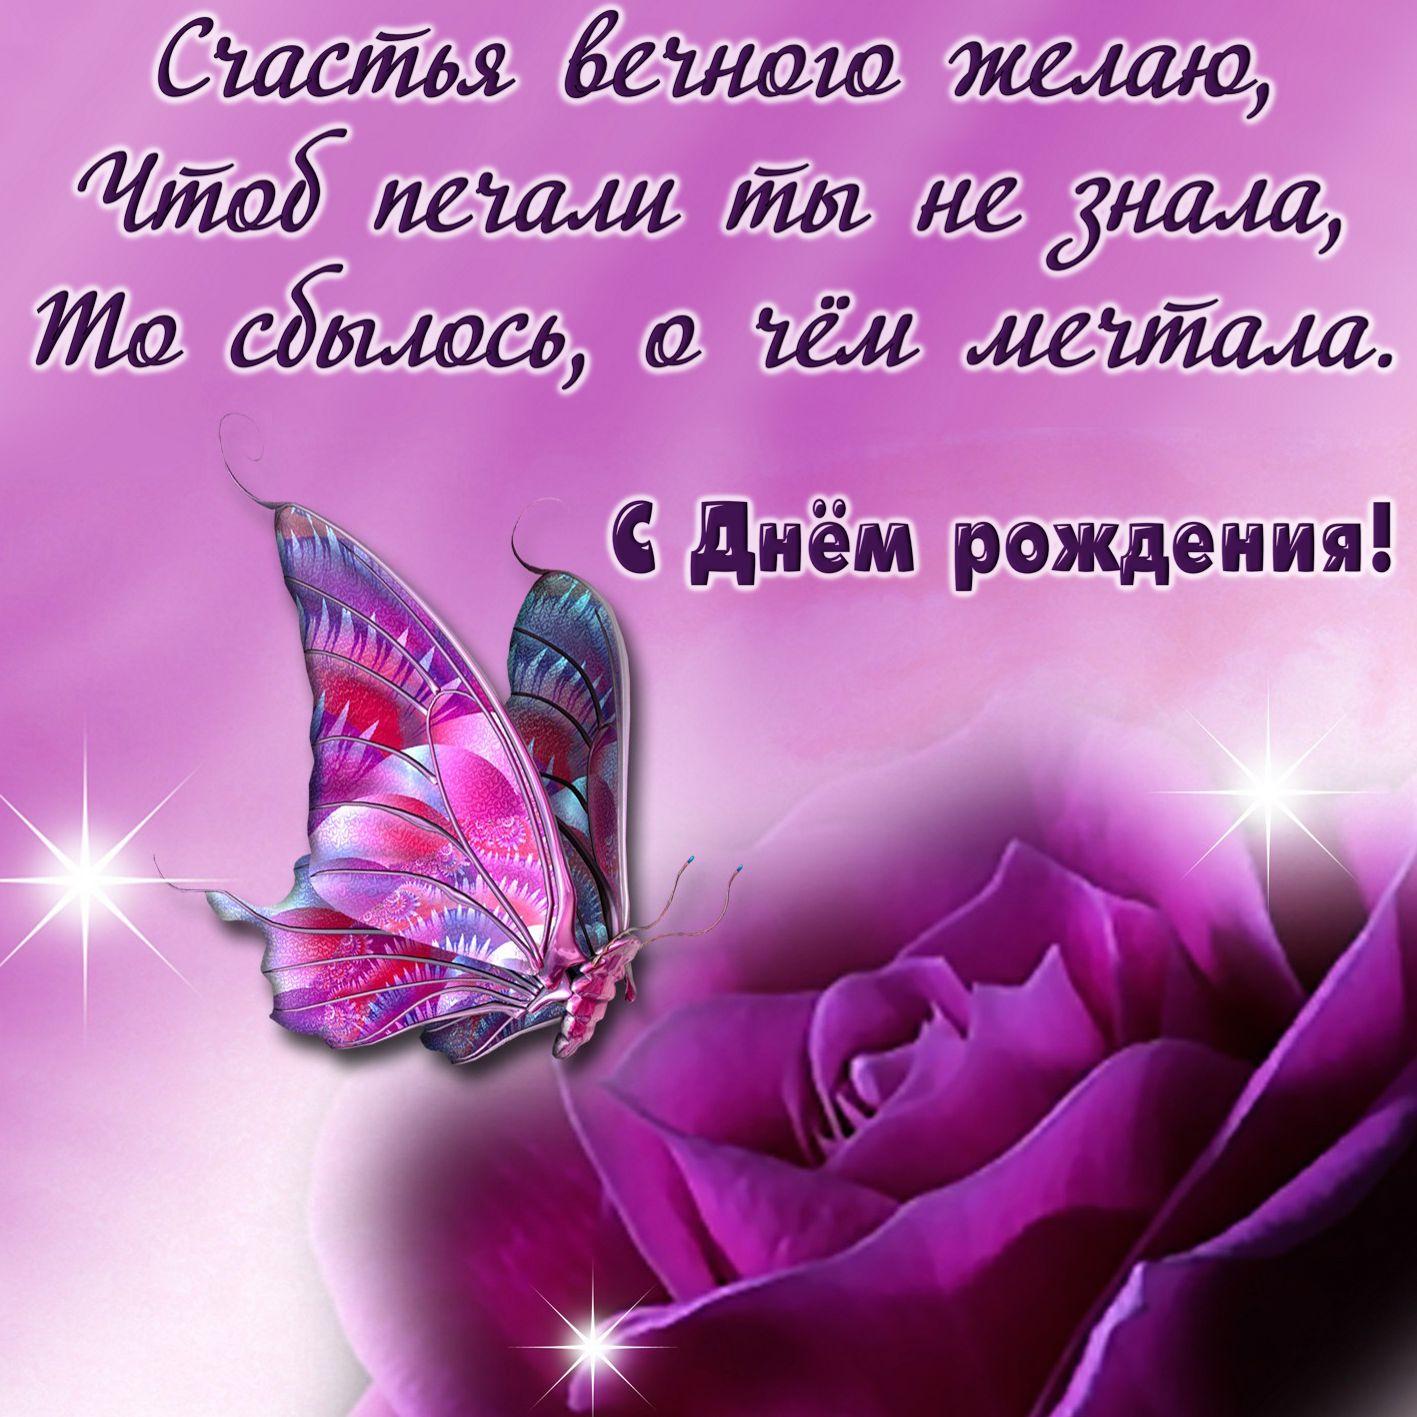 Открытка на День рождения - сказочная бабочка на красивой розе